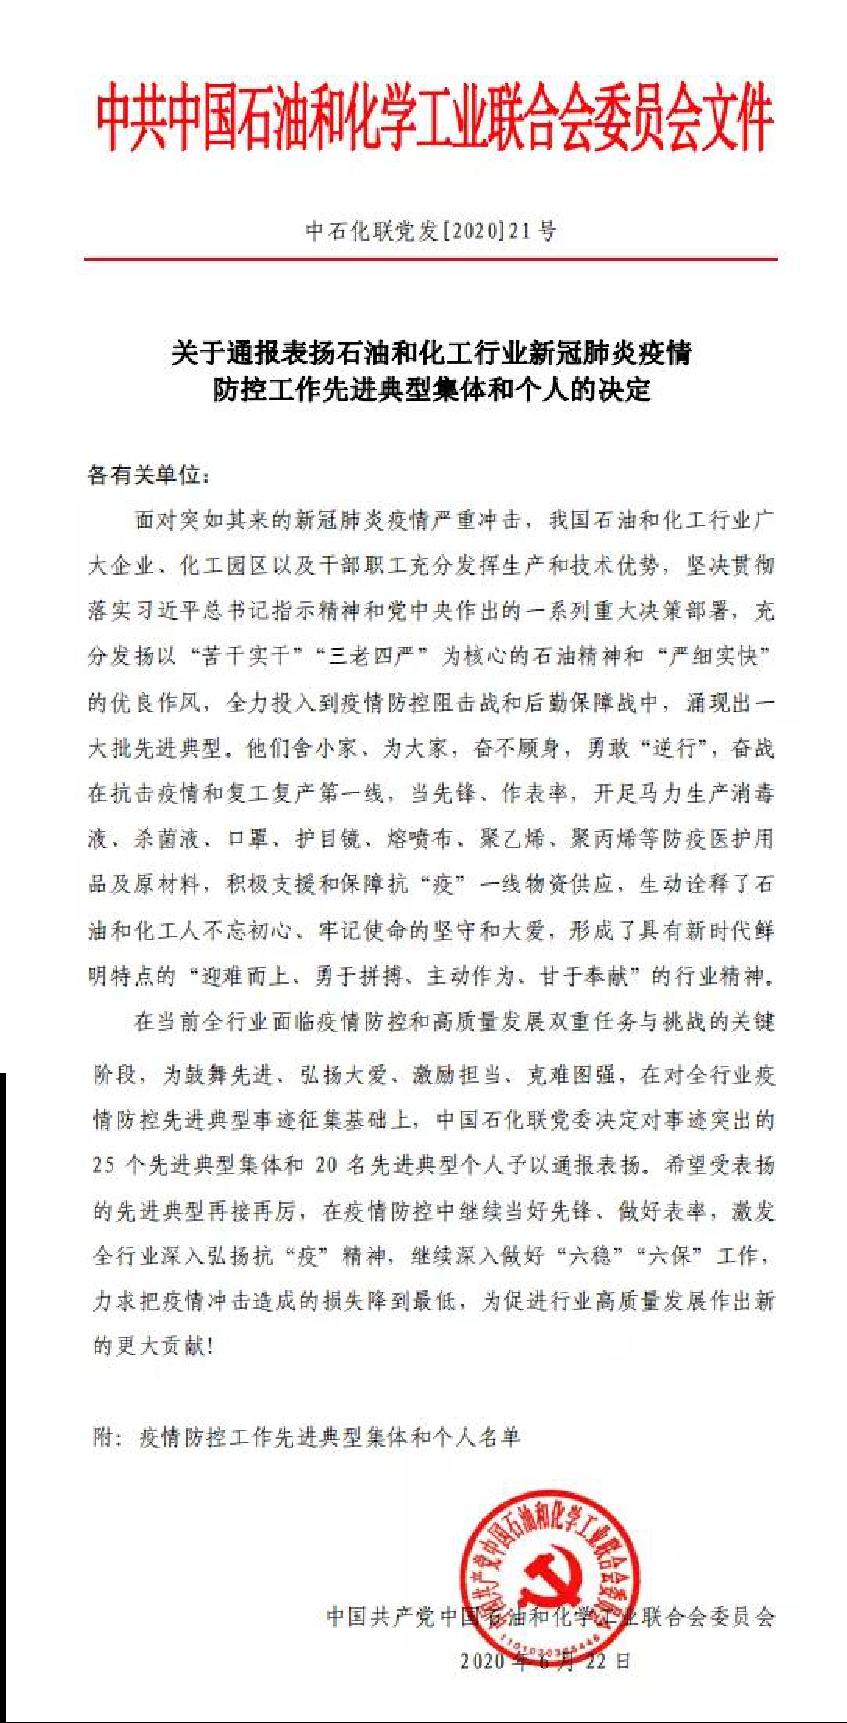 """荣获全国表彰!道恩成为""""石化行业抗疫典型集体"""""""